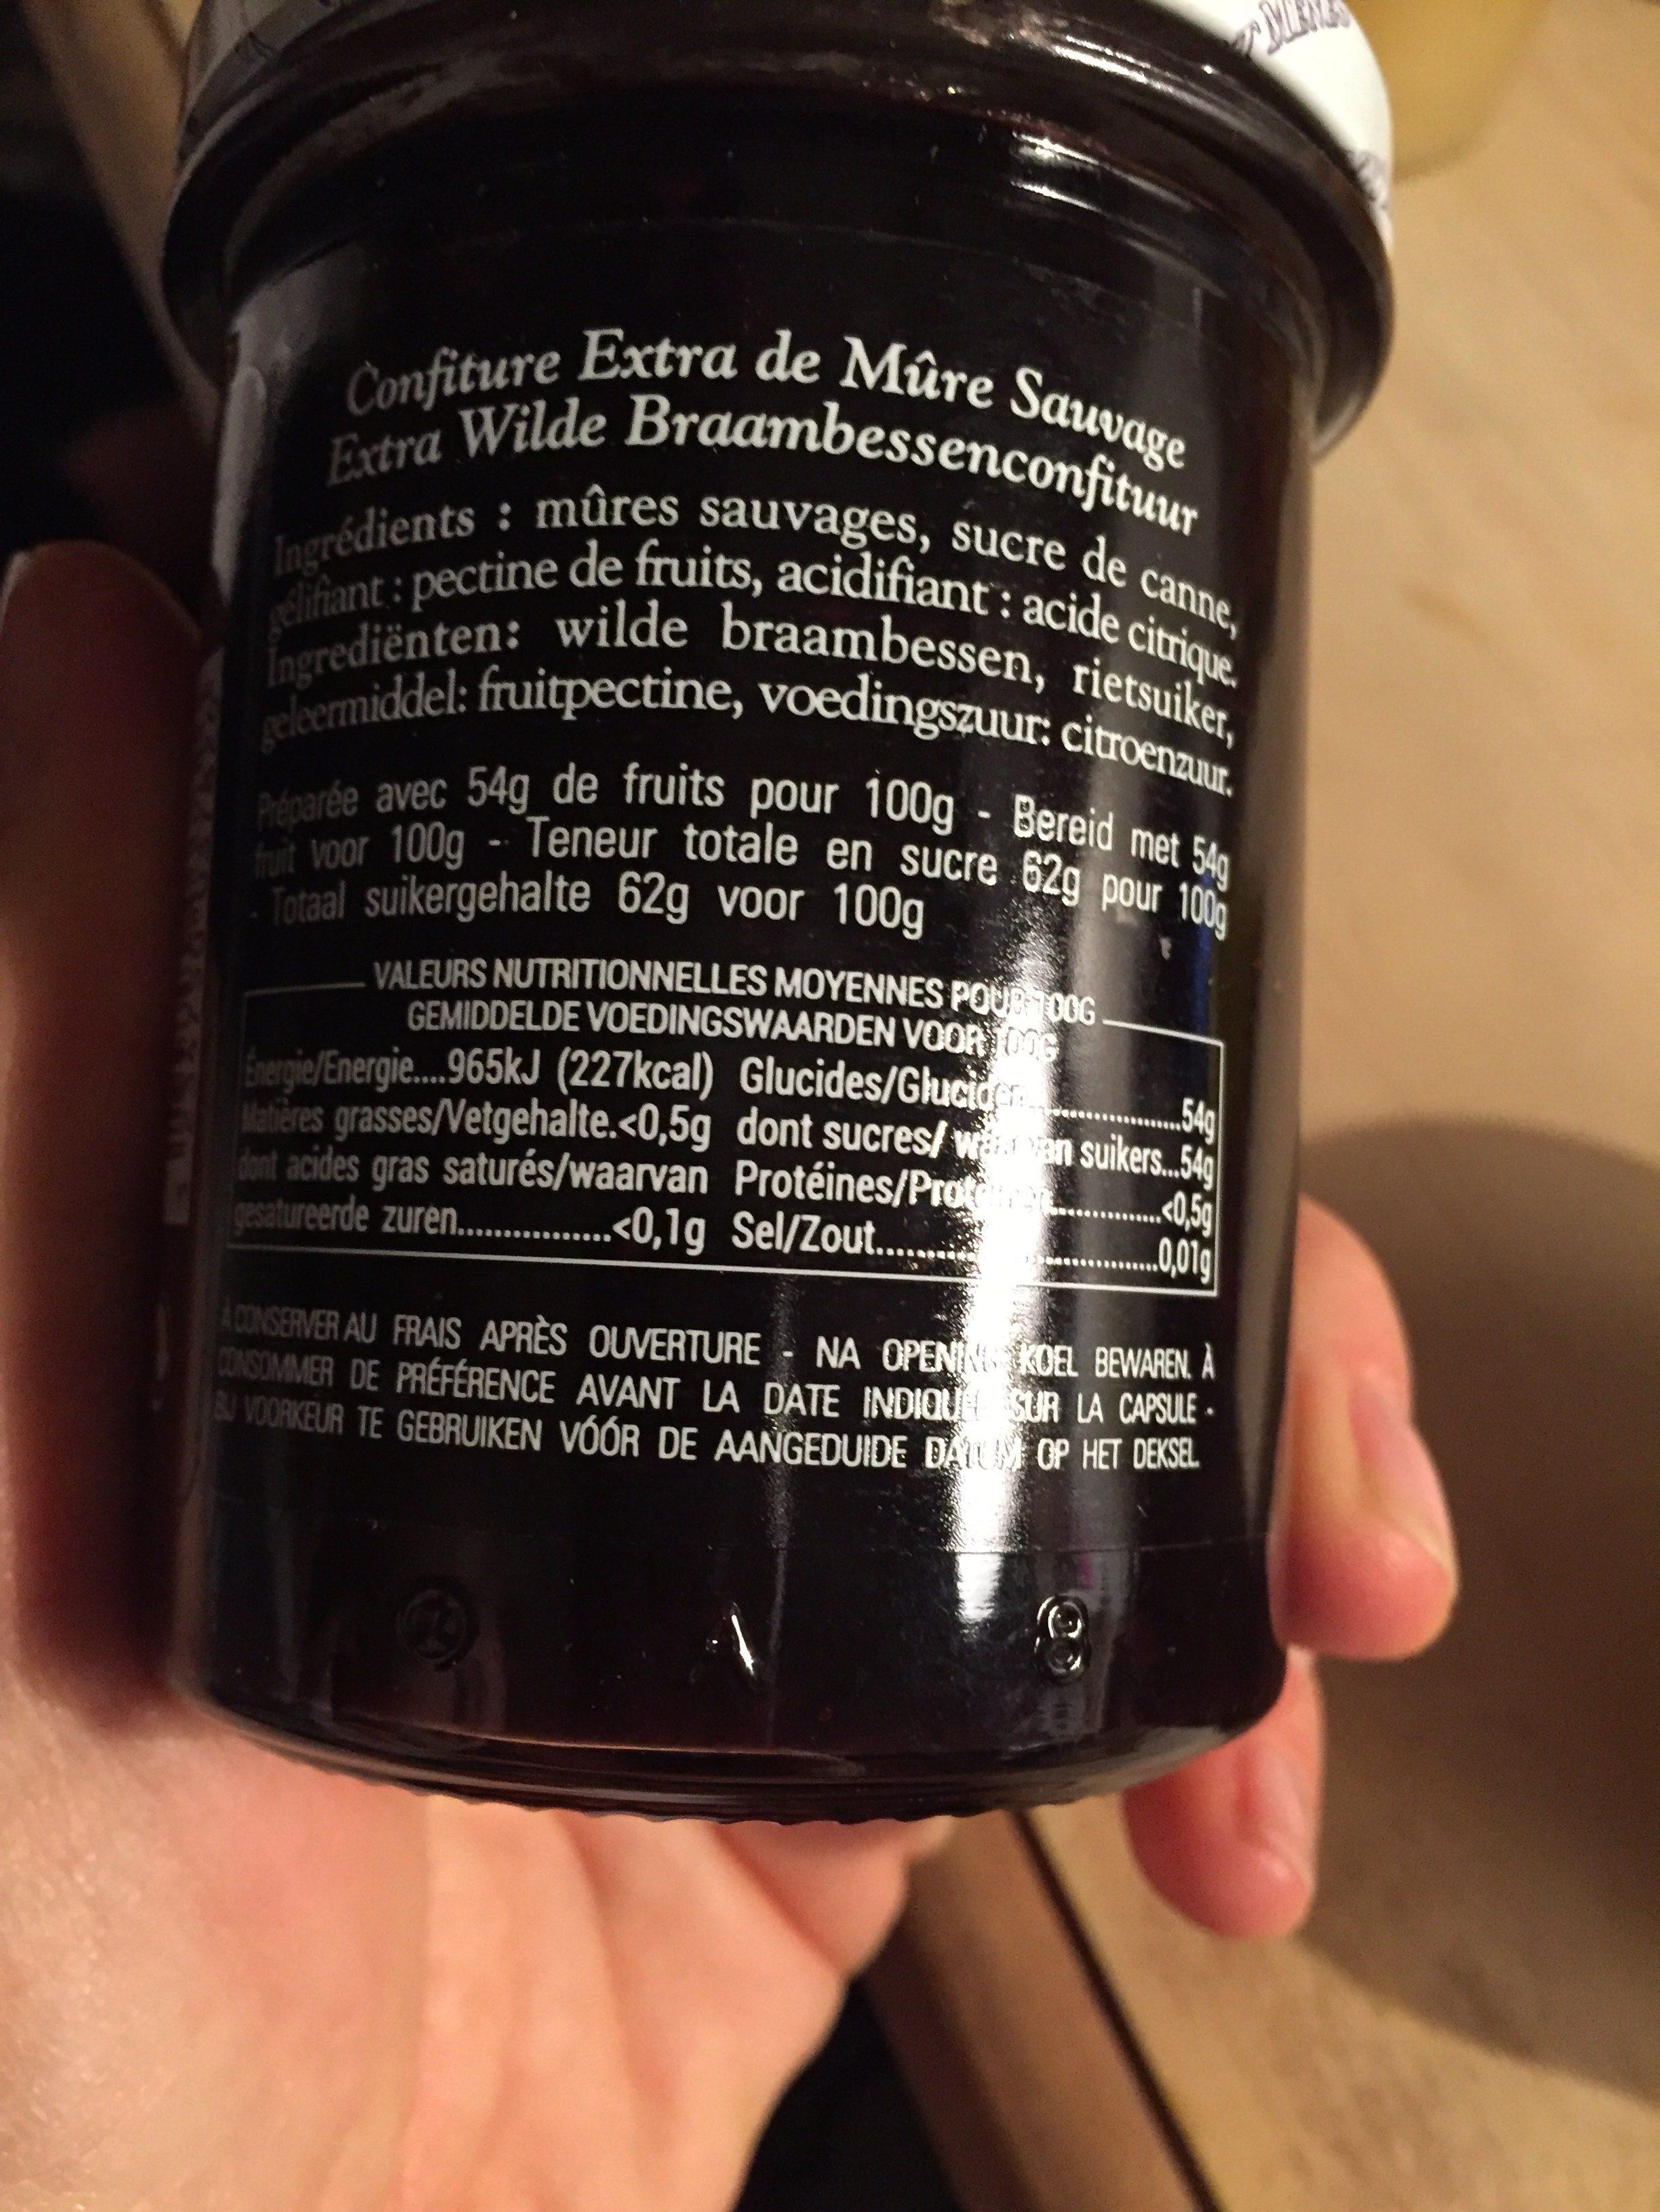 Confiture Extra De Mûre Sauvage - Ingrédients - fr